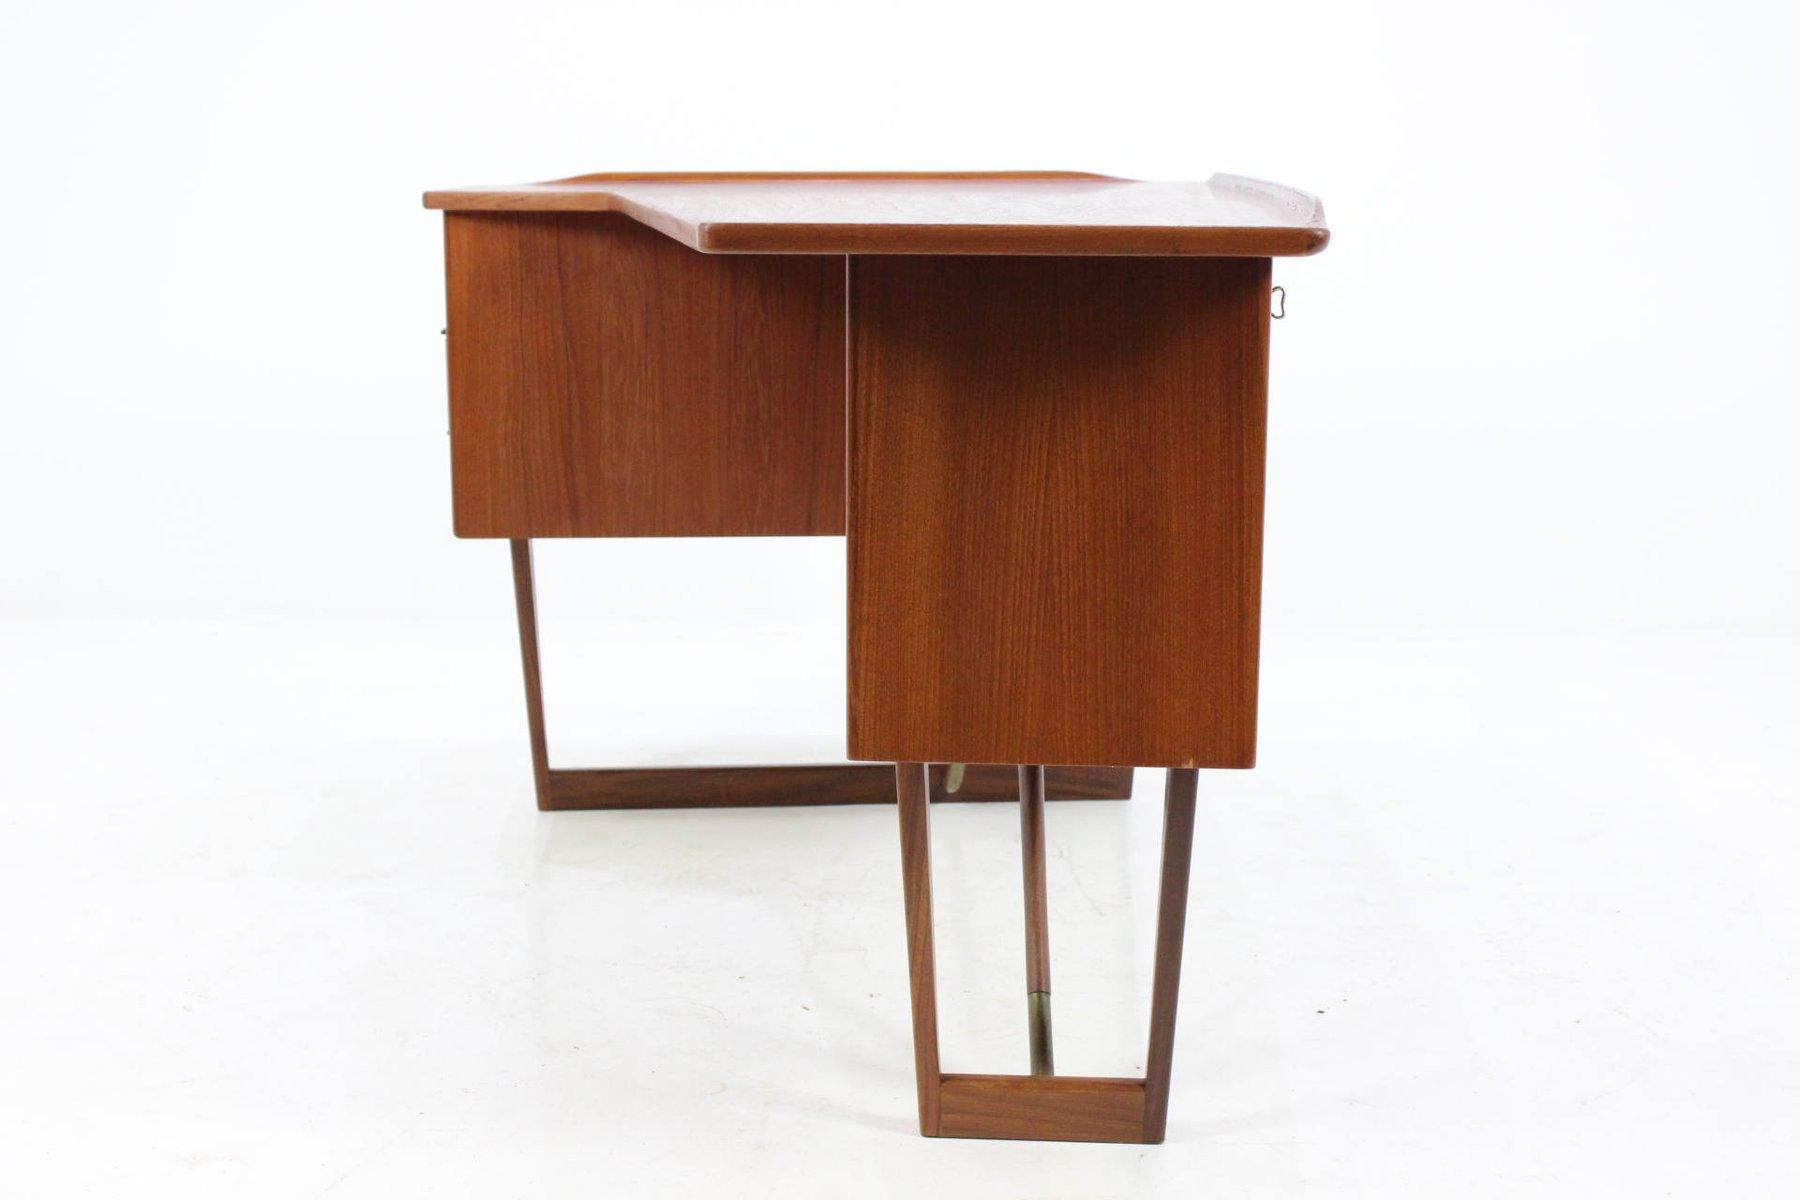 d nischer mid century teak schreibtisch von peter lovig nielsen 1960er bei pamono kaufen. Black Bedroom Furniture Sets. Home Design Ideas